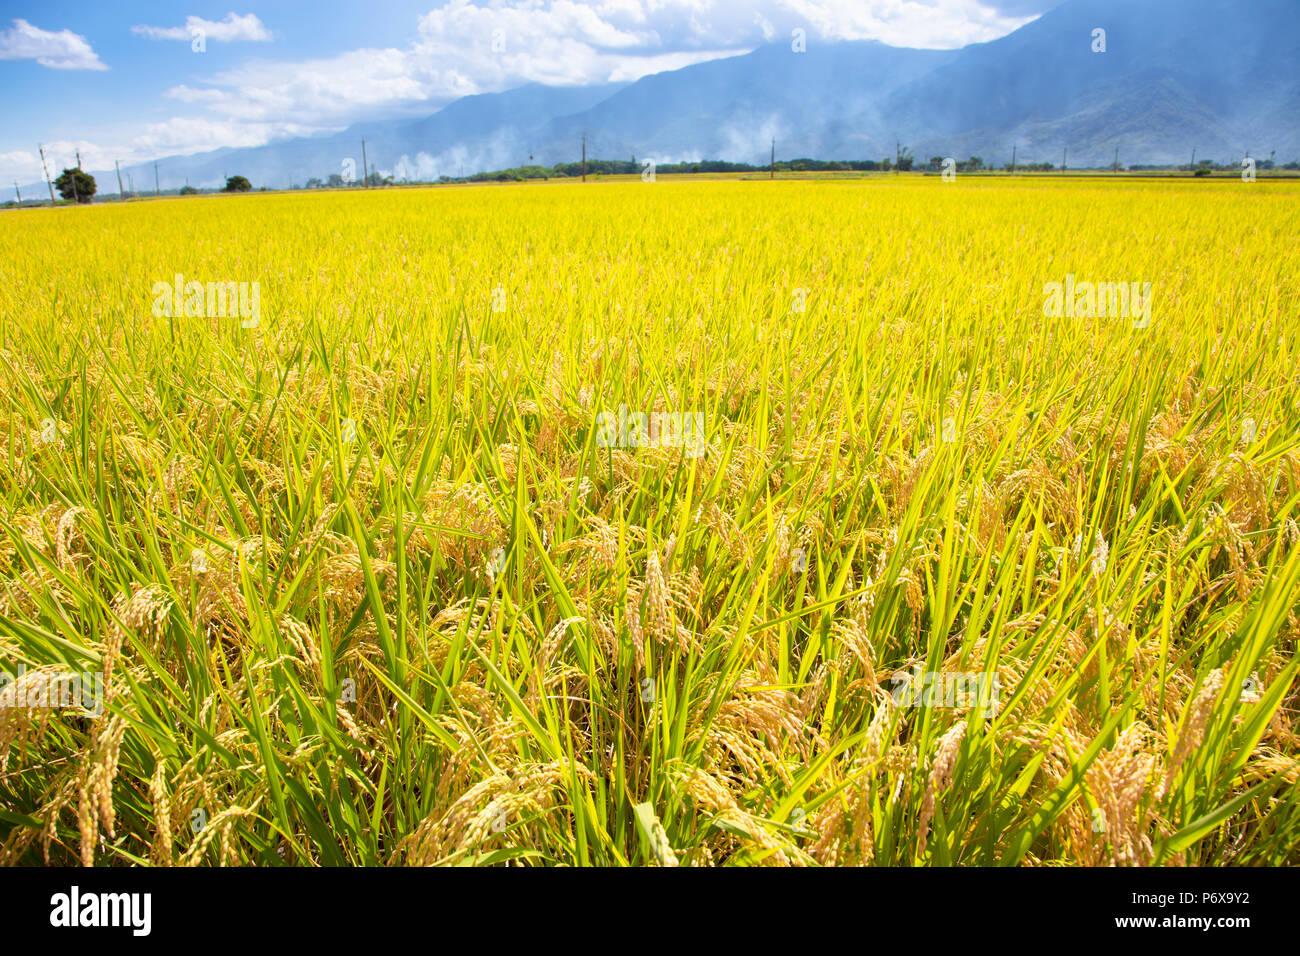 closeup beautiful yellow rice field - Stock Image